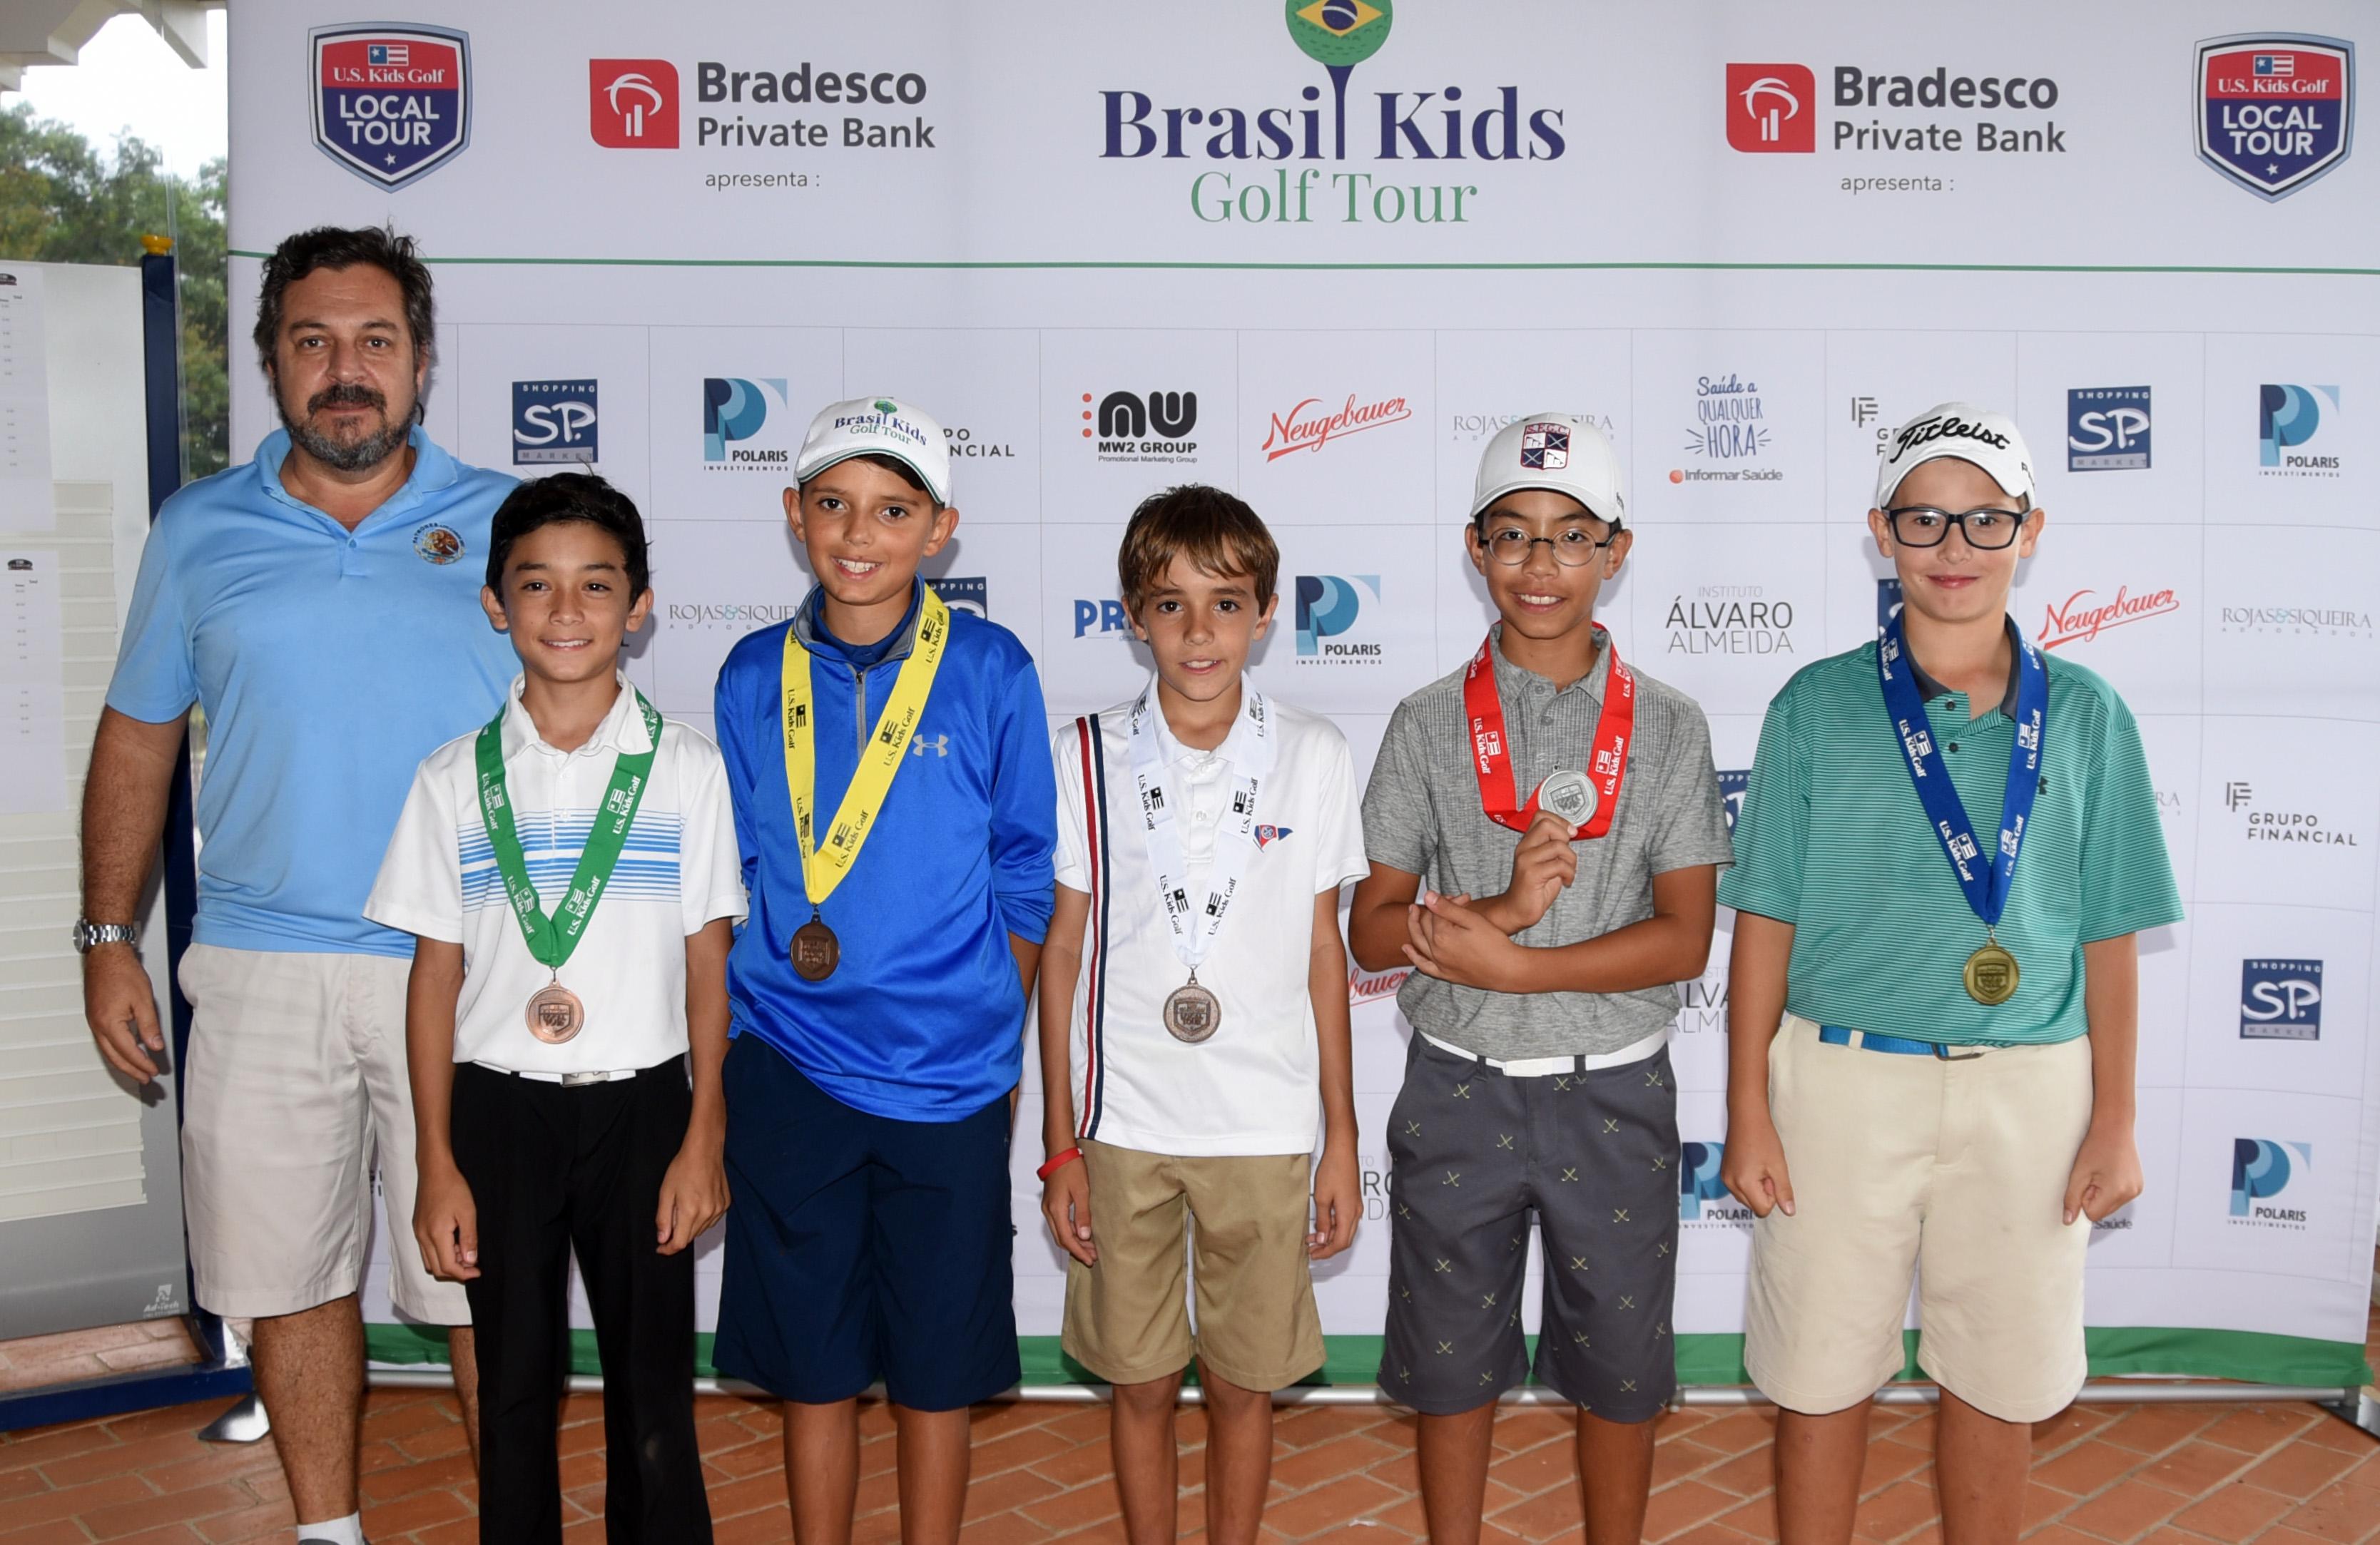 Campeões do Brazil Kids Golf Tour 2018 nas etapas do Fazenda Grama e Baroneza